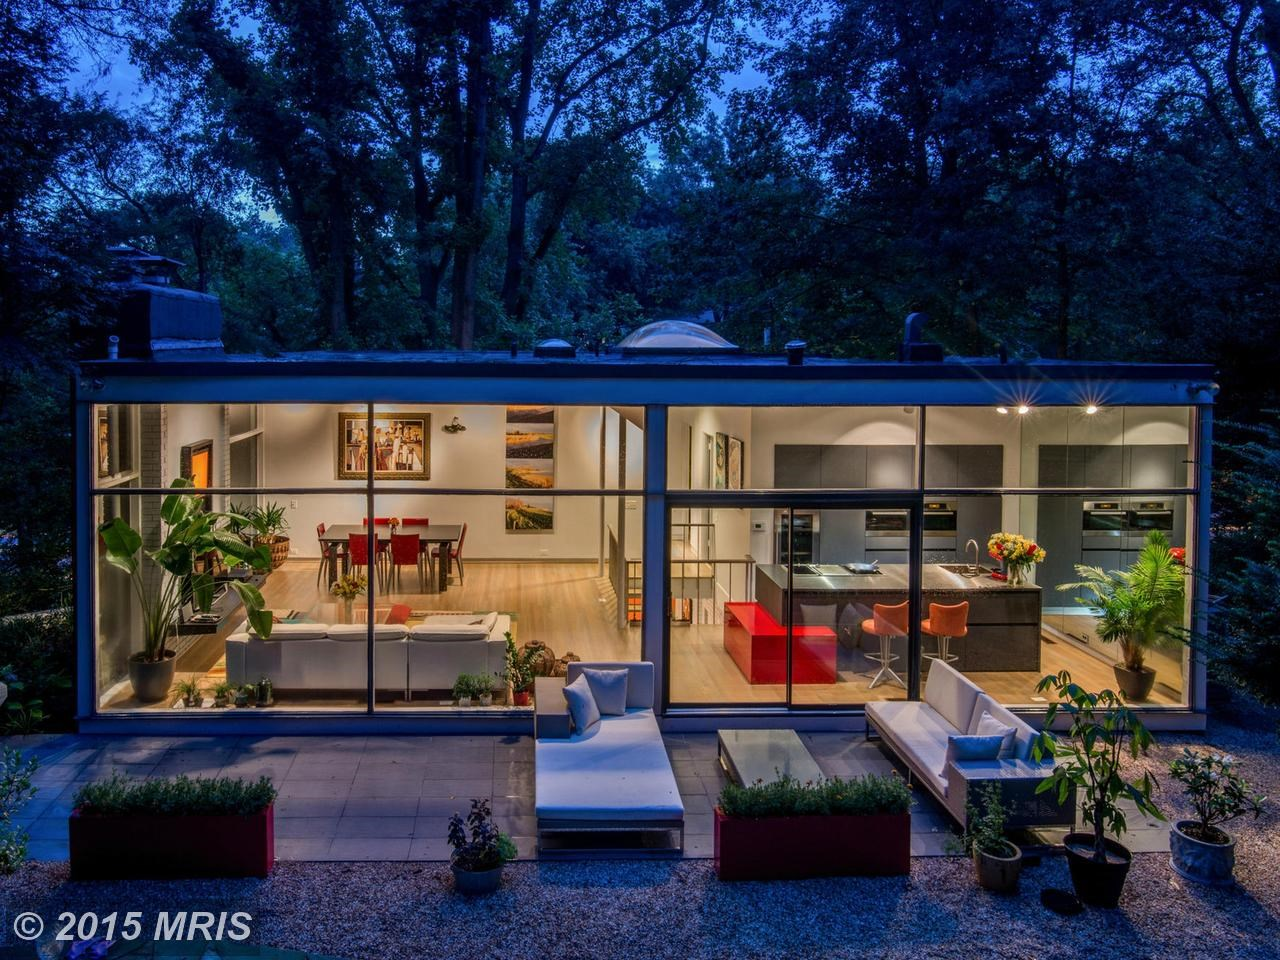 Дом в вечернее время, вид с дорожки в саду за домом. На плоской кровле видны световые фонари, улучшающие освещенность.